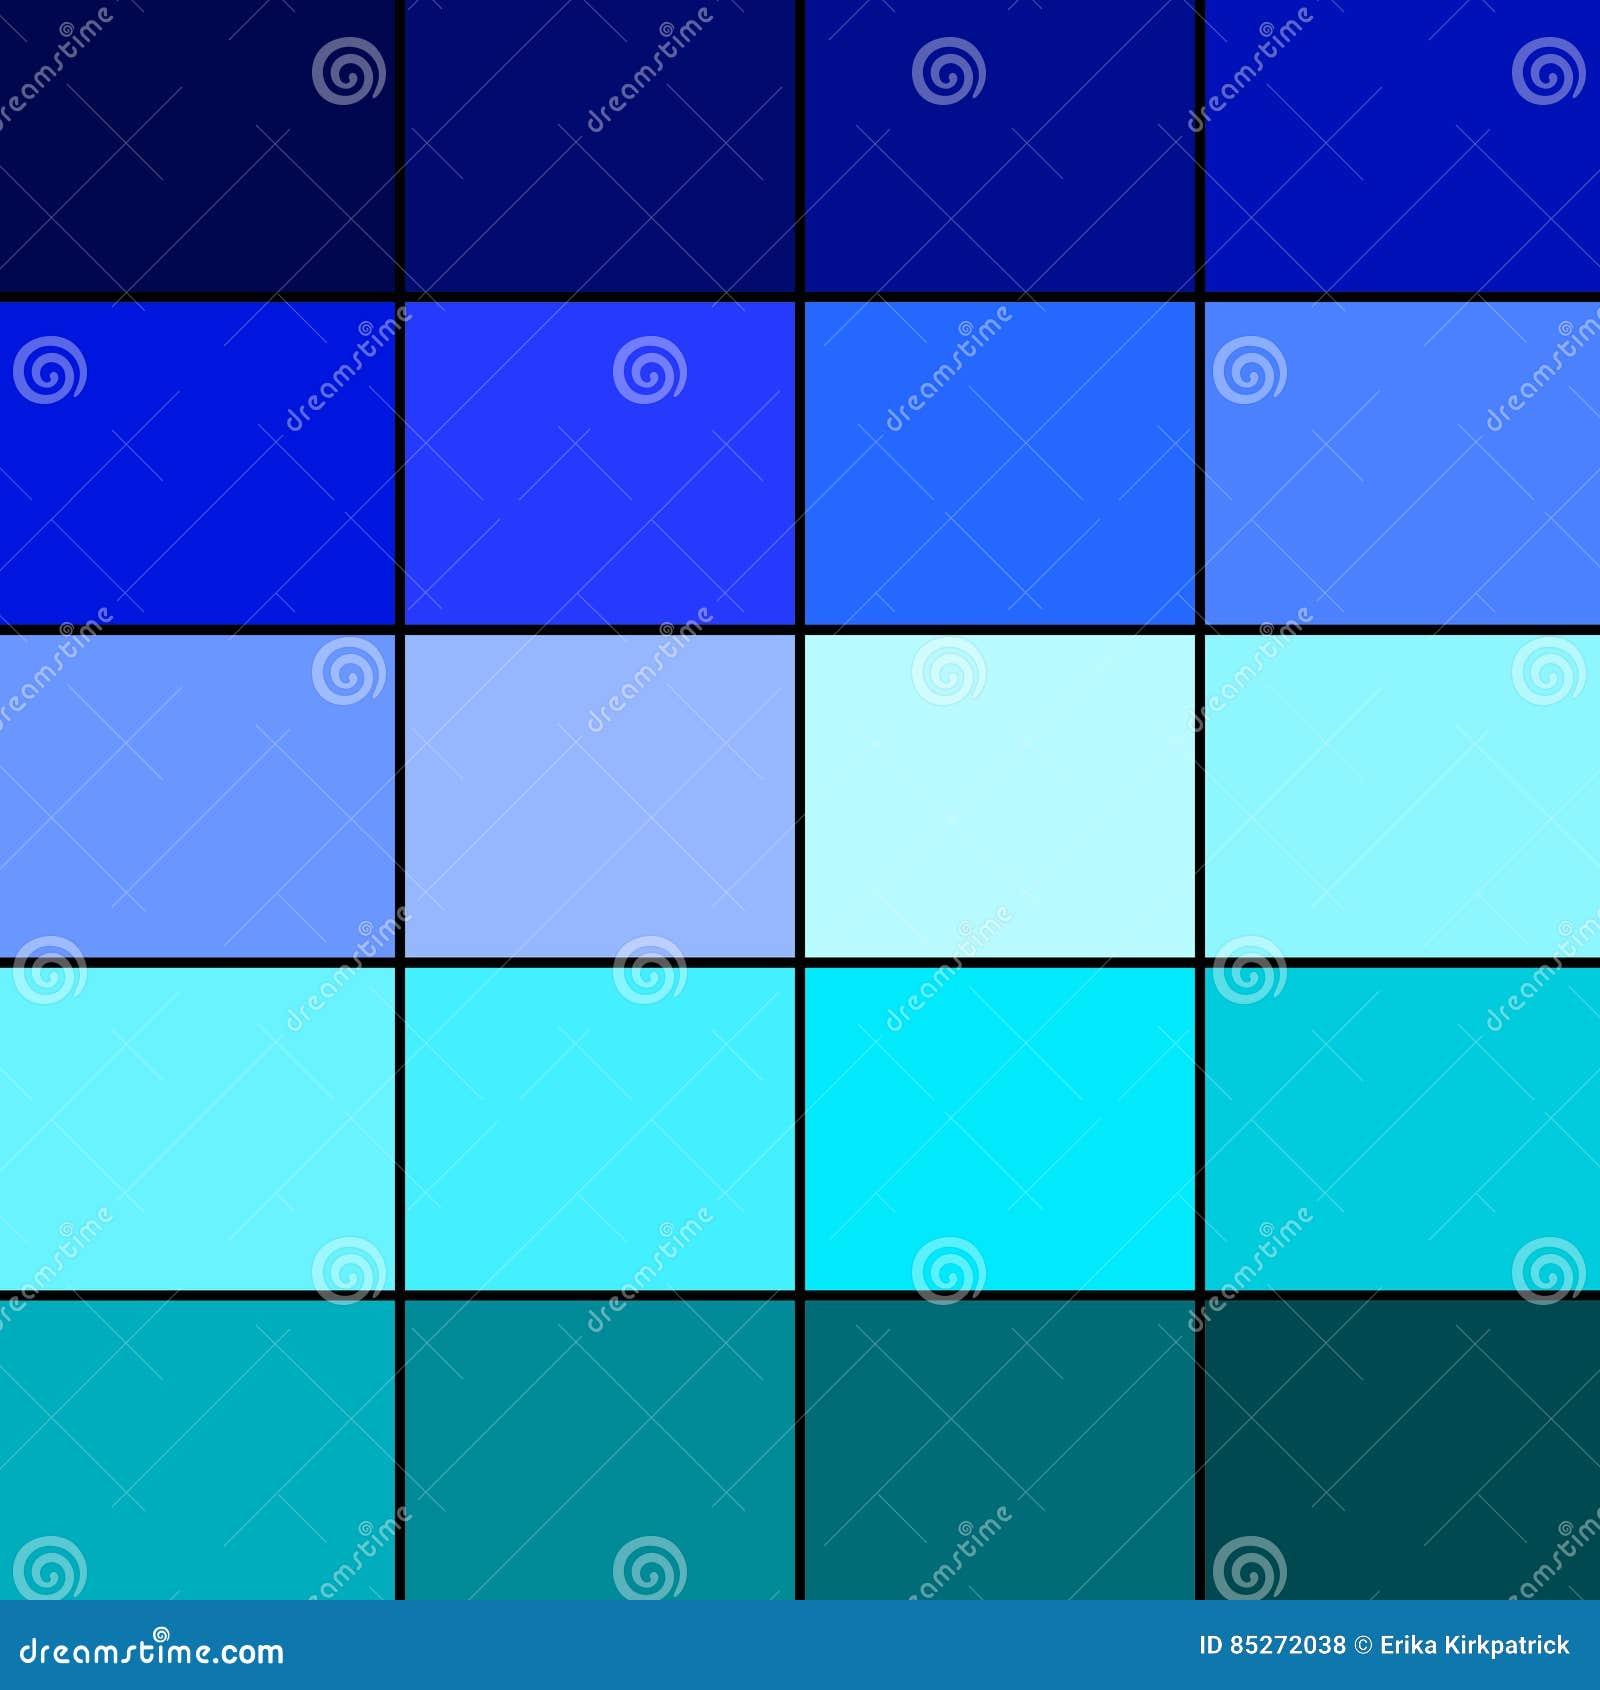 Blue Color Palette Stock Illustration - Image: 85272038